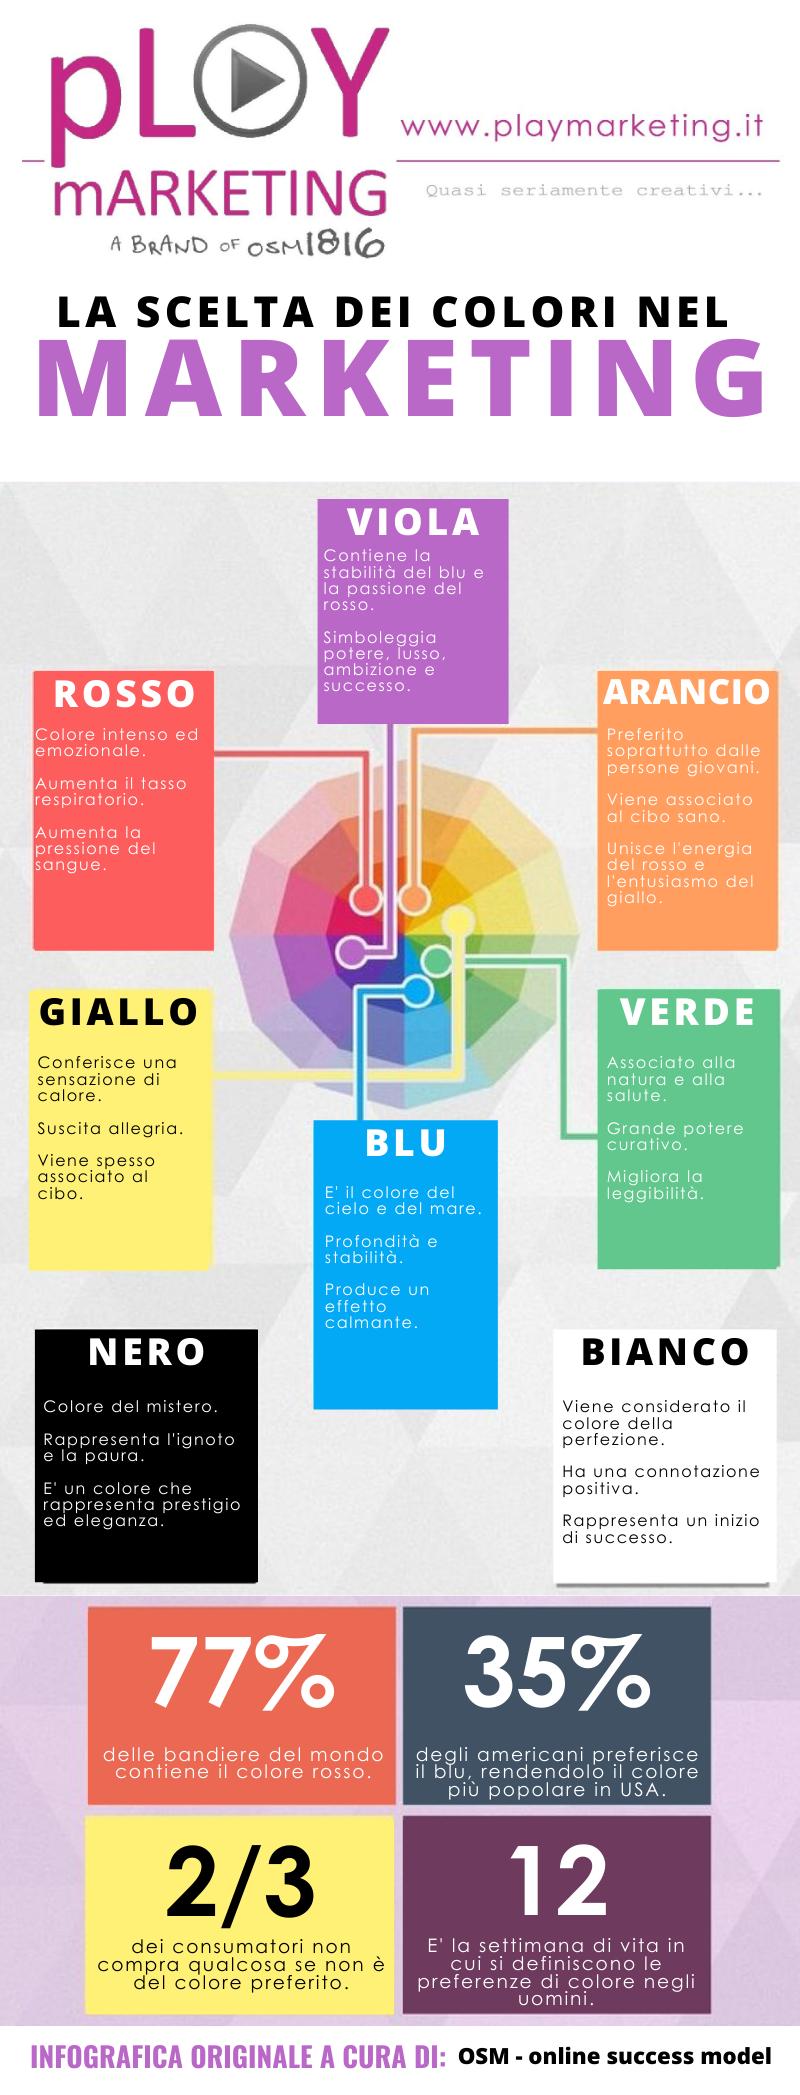 La scelta dei colori nel marketing